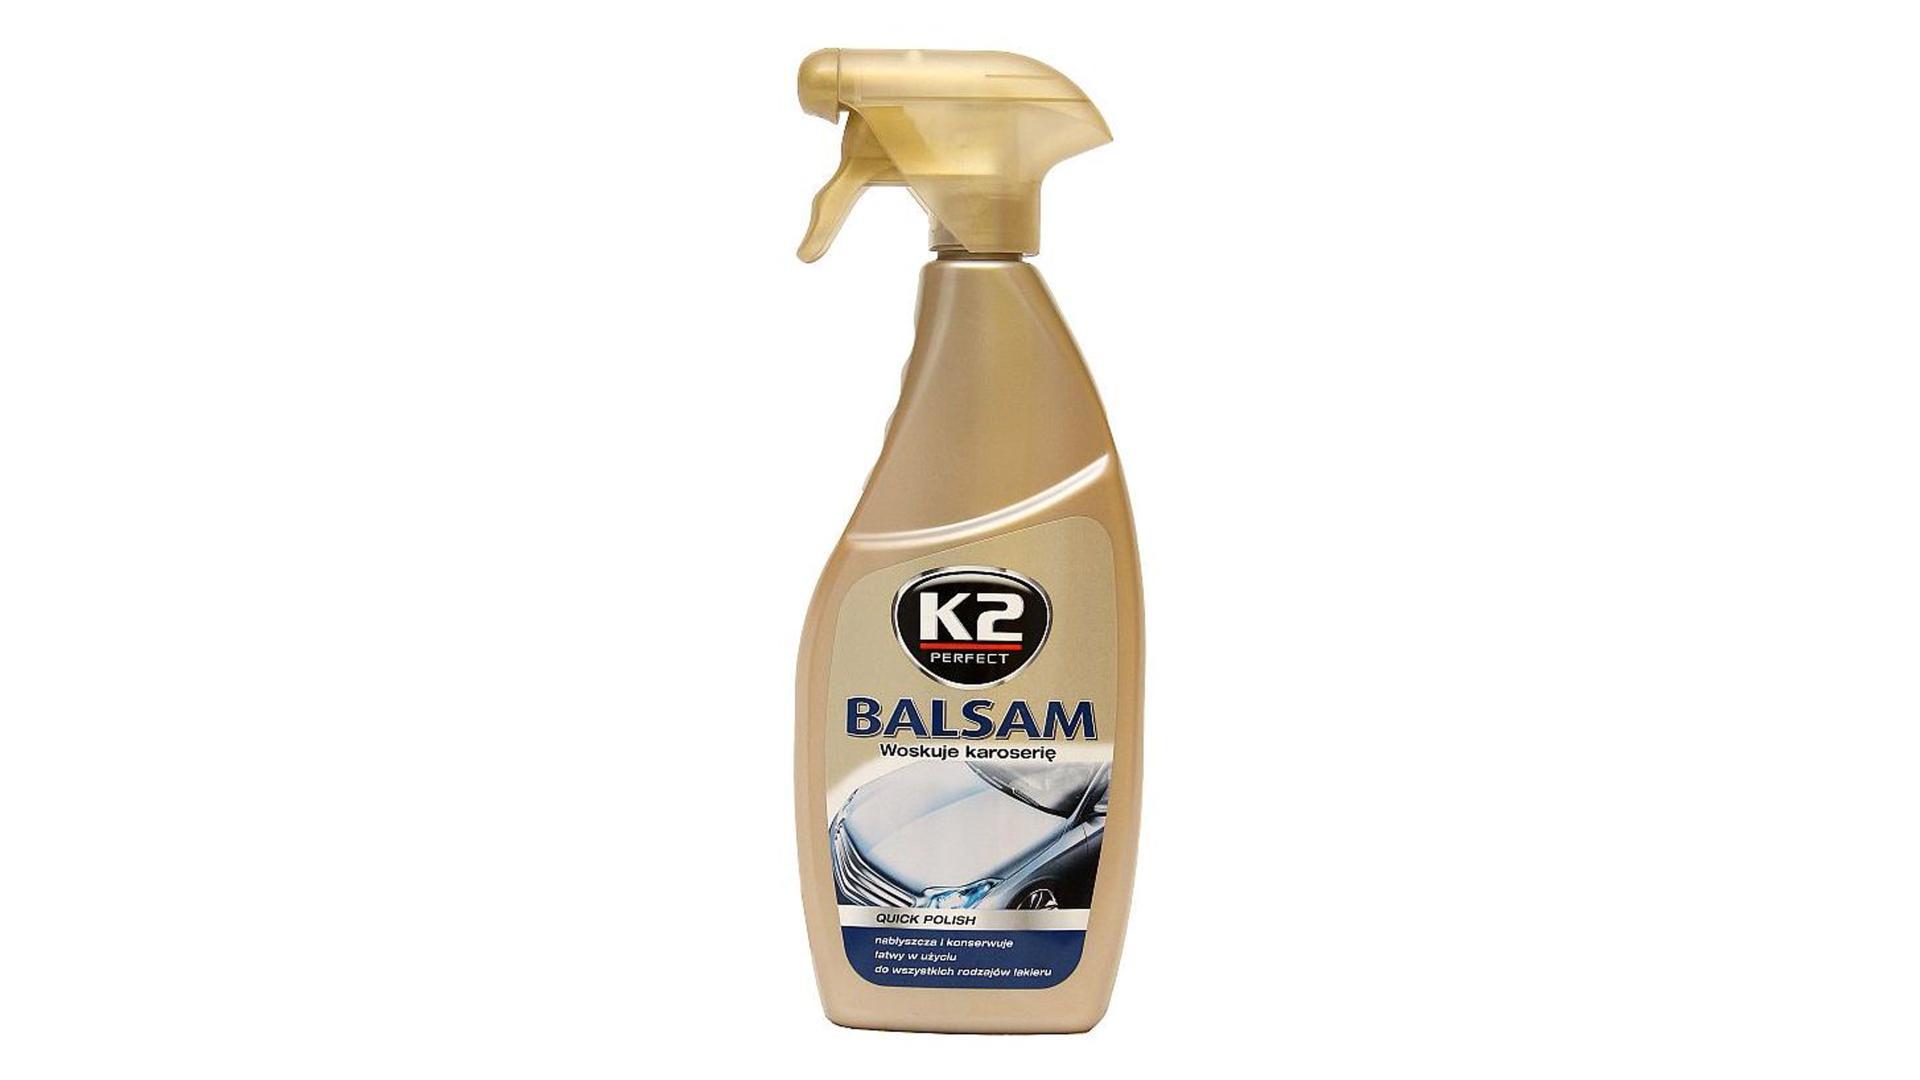 K2 Balsam 700 ml Atom